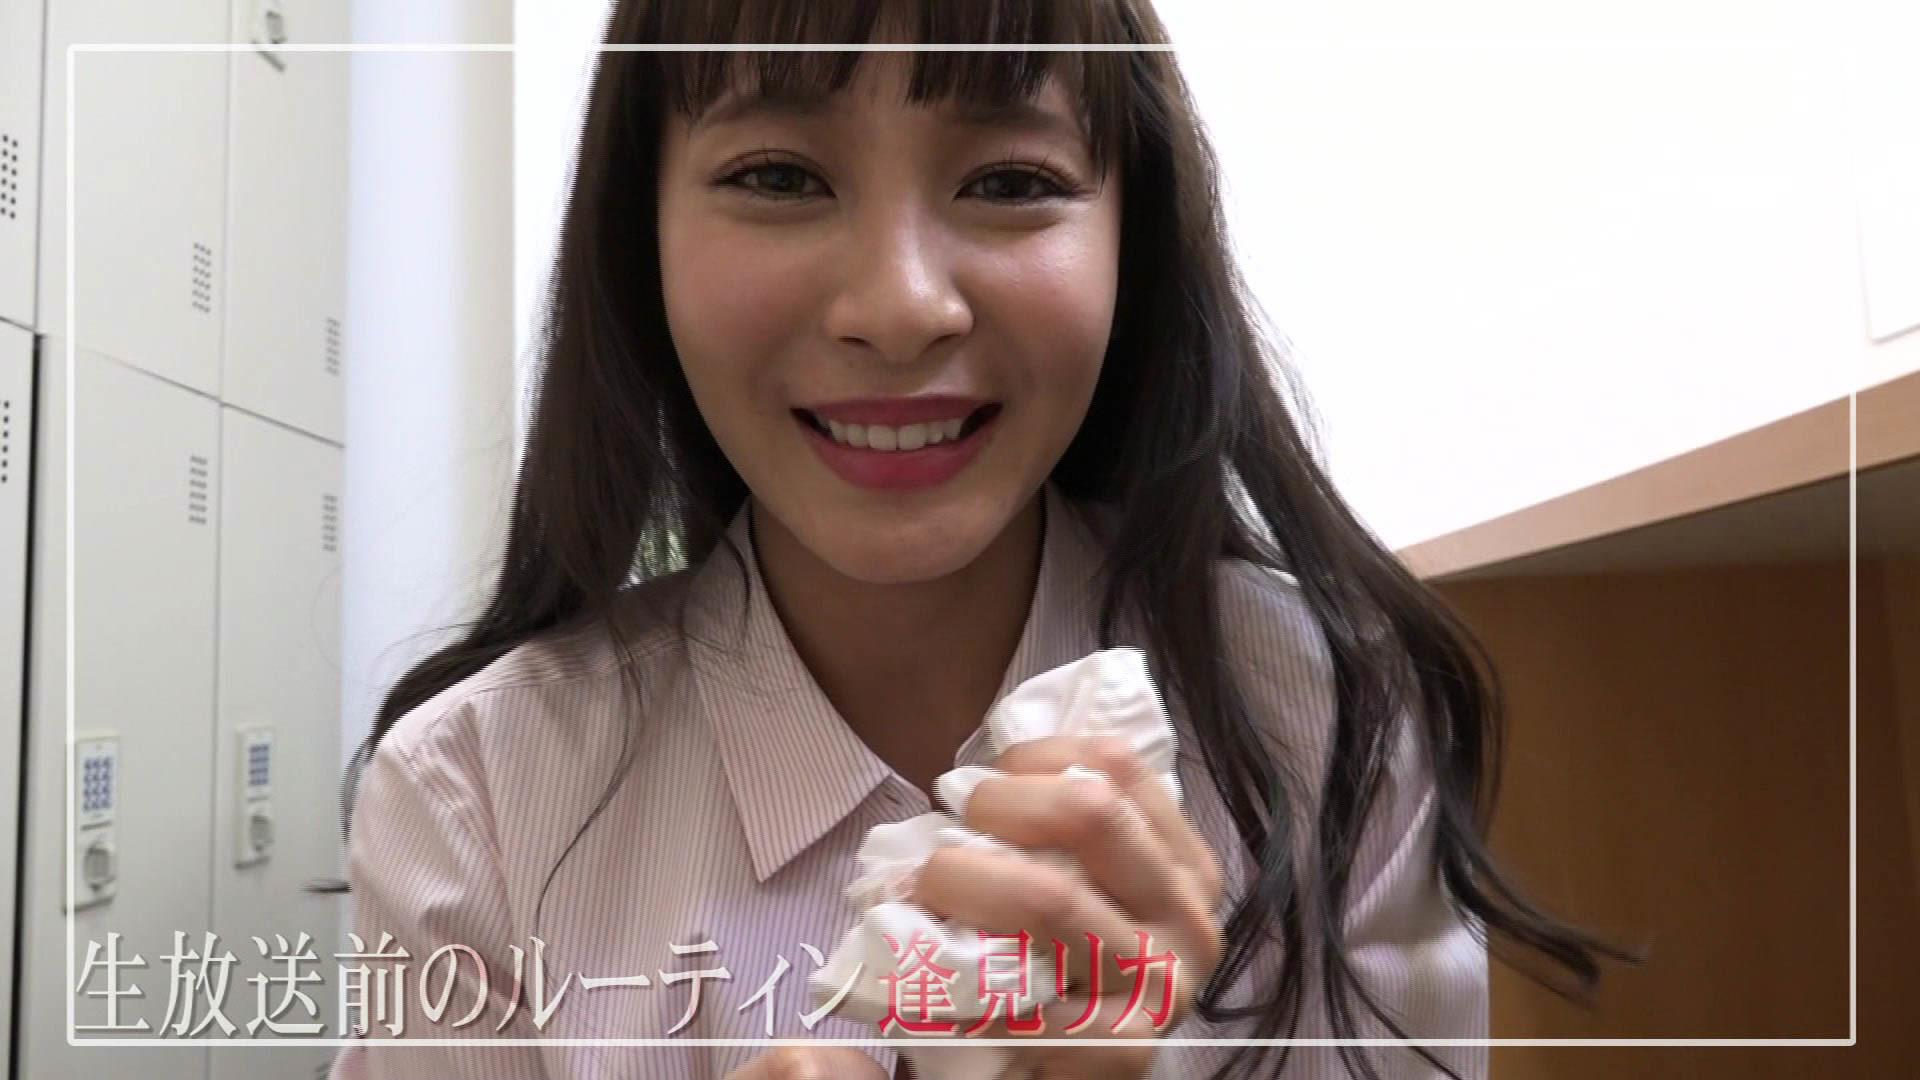 女子アナ大新年会!おとそ気分で感じまくりのイキまくり!マ●コも濡れてヒ~クヒクッ! 完全版